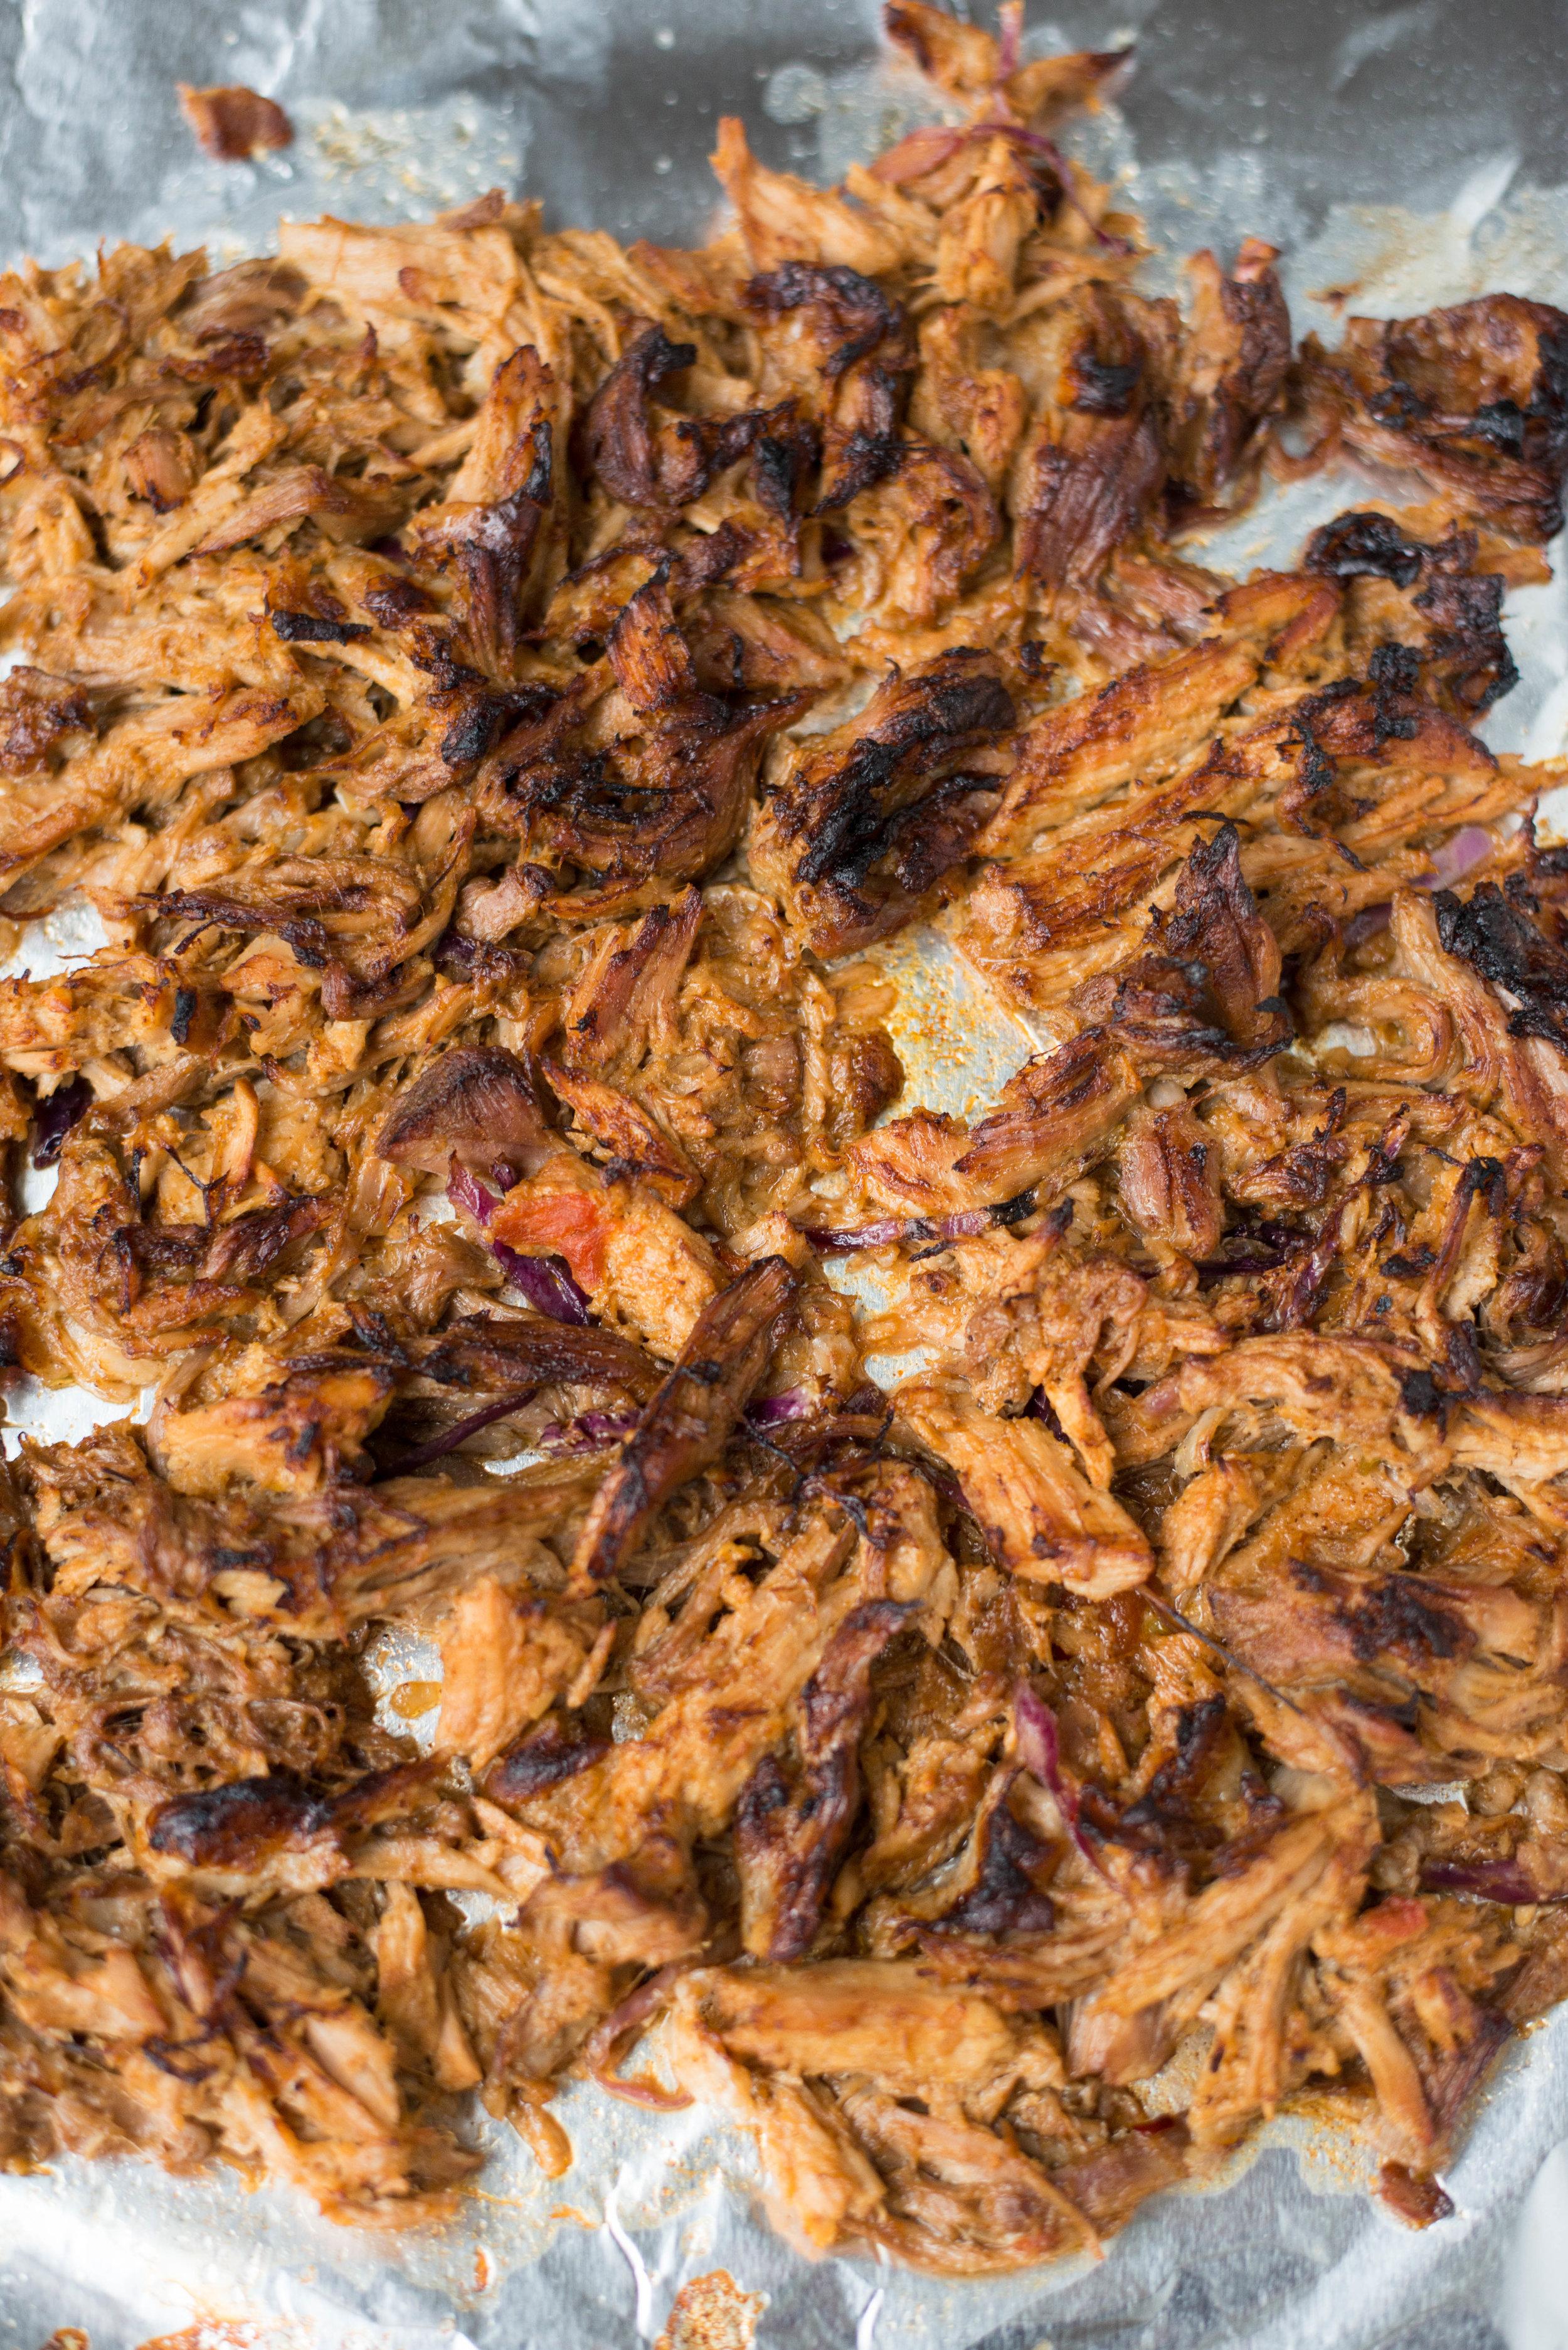 crispy shredded pork carnitas on foil lined baking sheet